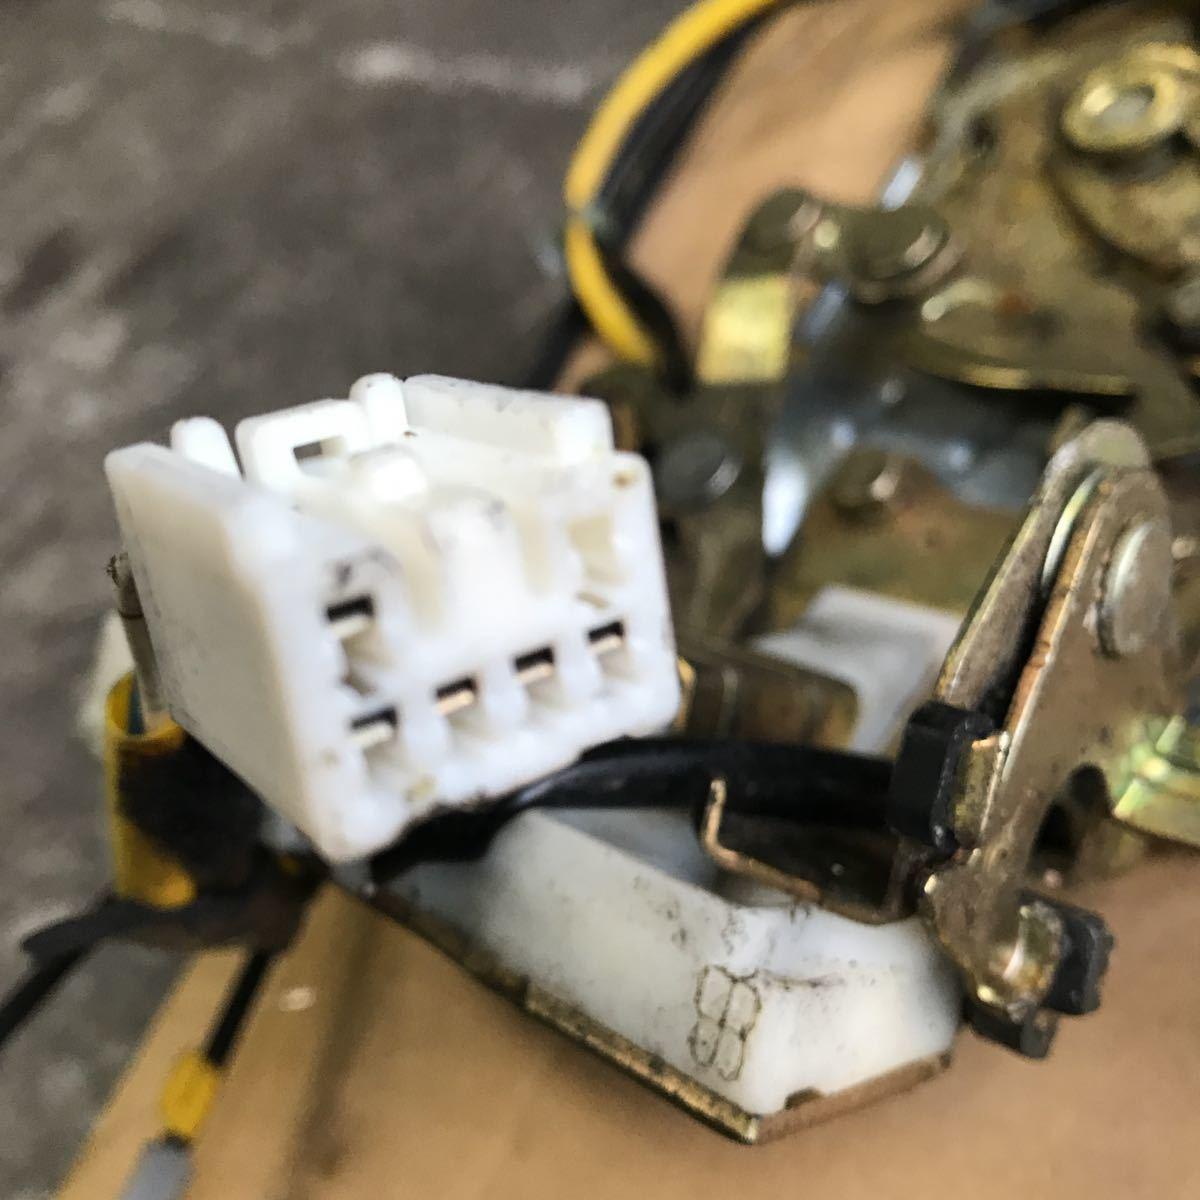 マツダ MPV LW3W 右スライド 右リア イージークローザー ドアロック アクチュエーター オートロック ソレノイド LD52-72-310_画像5